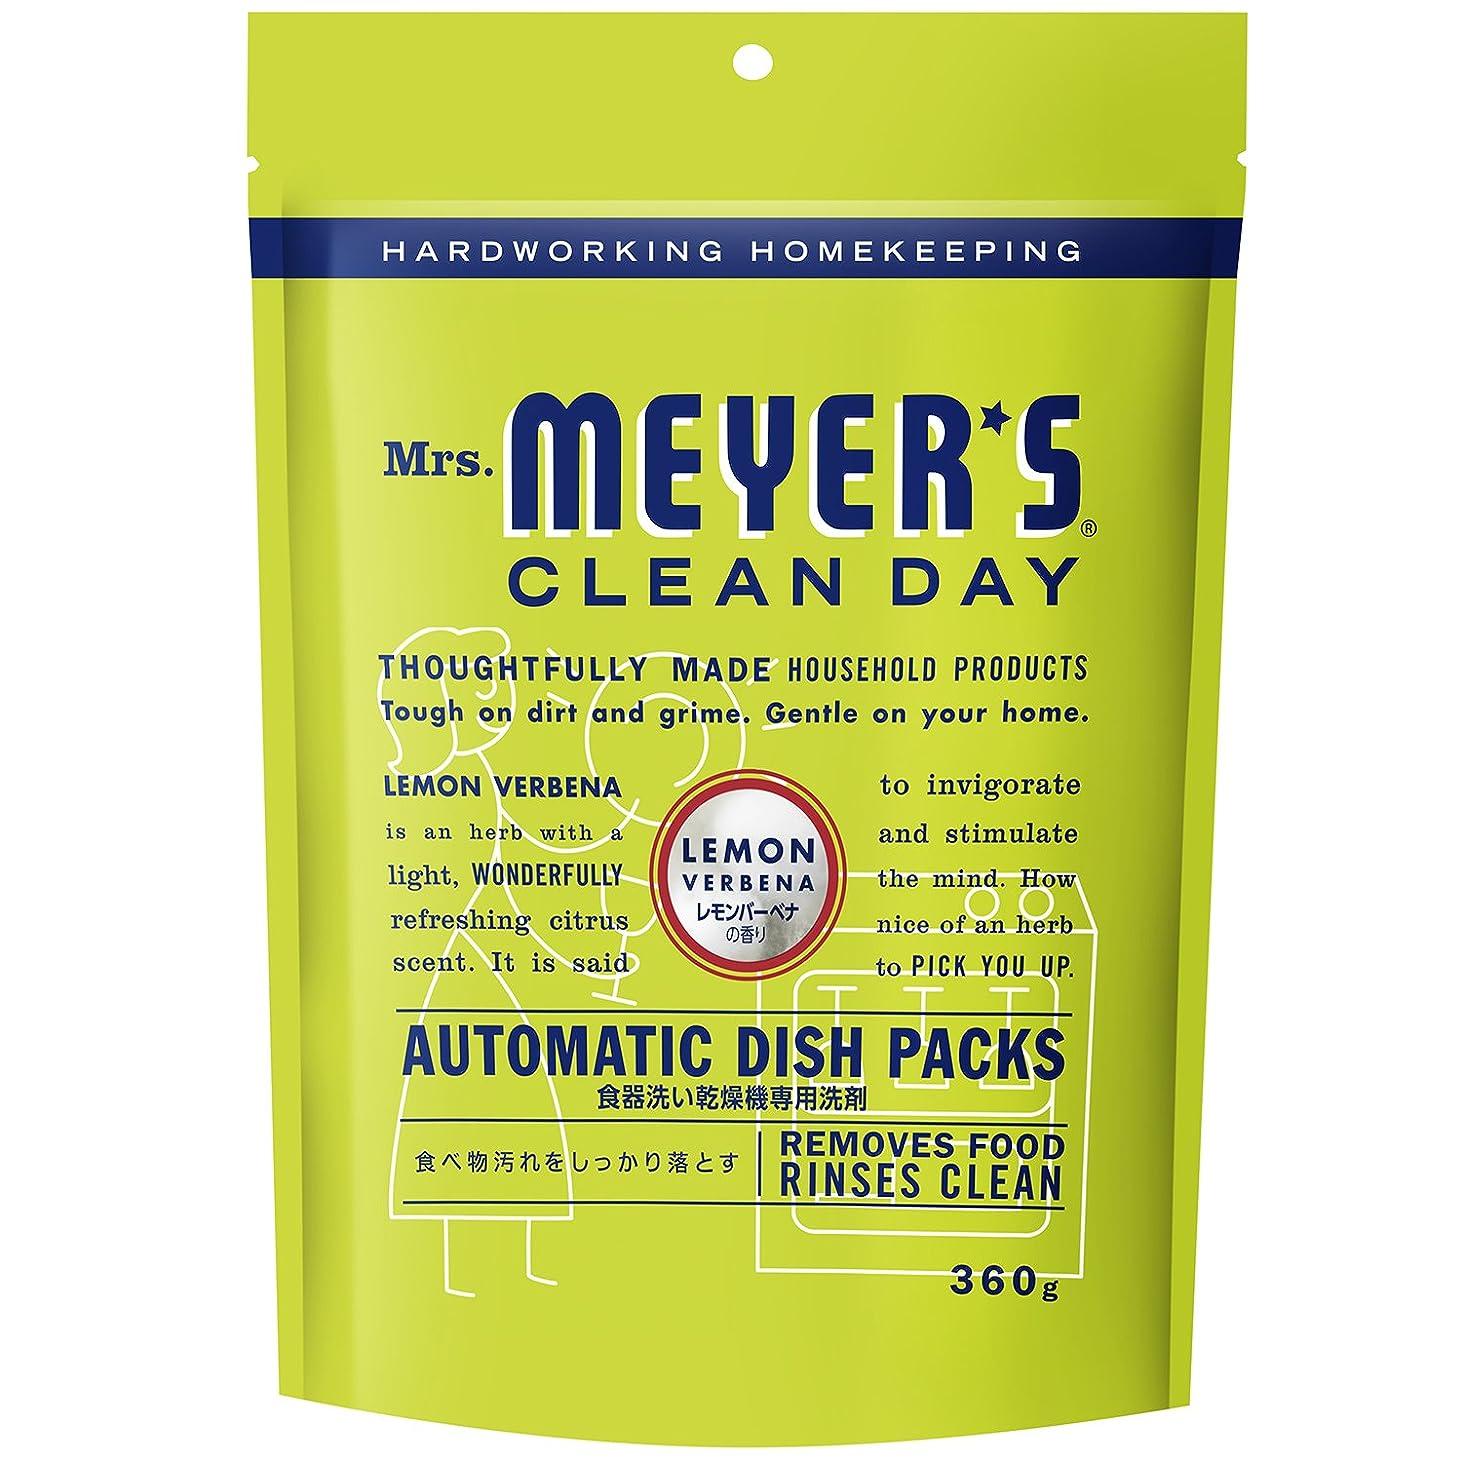 春周辺落胆させるミセスマイヤーズ クリーンデイ(Mrs.Meyers Clean Day) 食洗機用洗剤 タブレット レモンバーベナの香り 20錠 360g